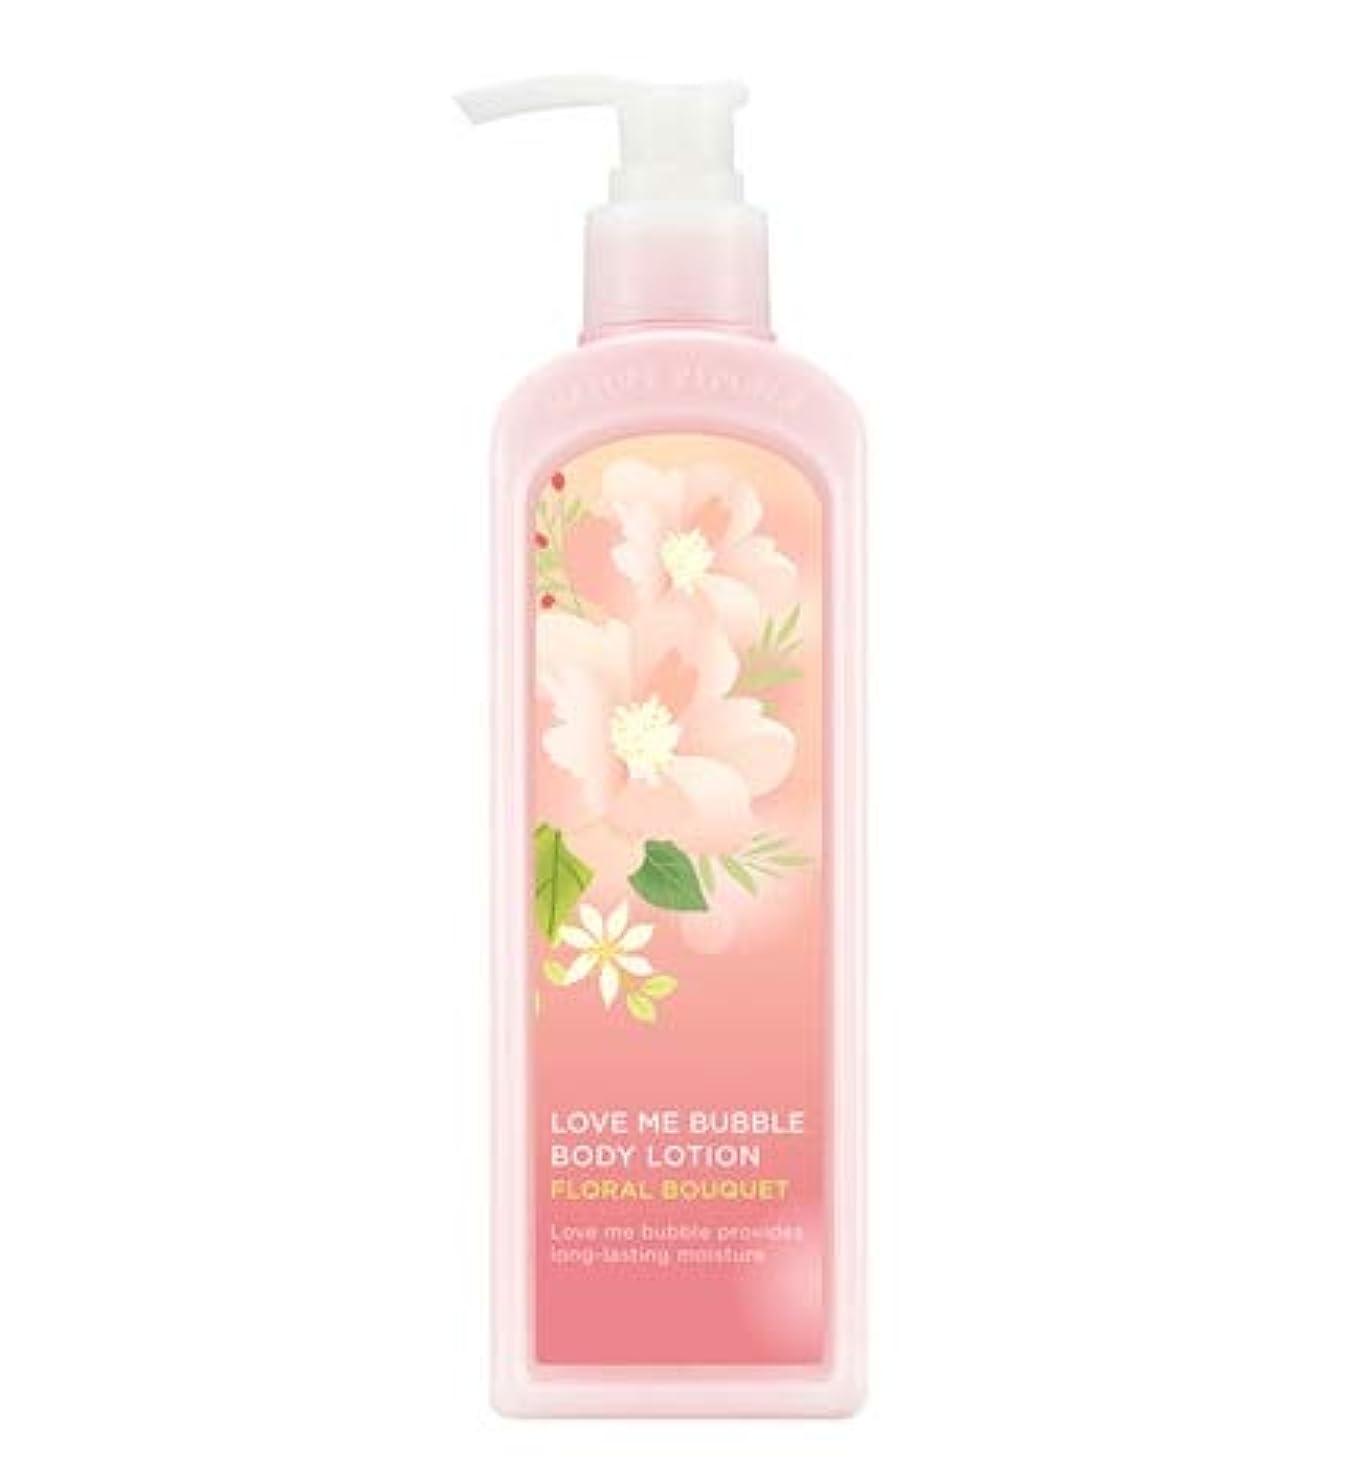 める混雑パンサーNATURE REPUBLIC Love Me Bubble Body Lotion-Floral bouquet ネイチャリパブリックラブミバブルボディーローション [並行輸入品]